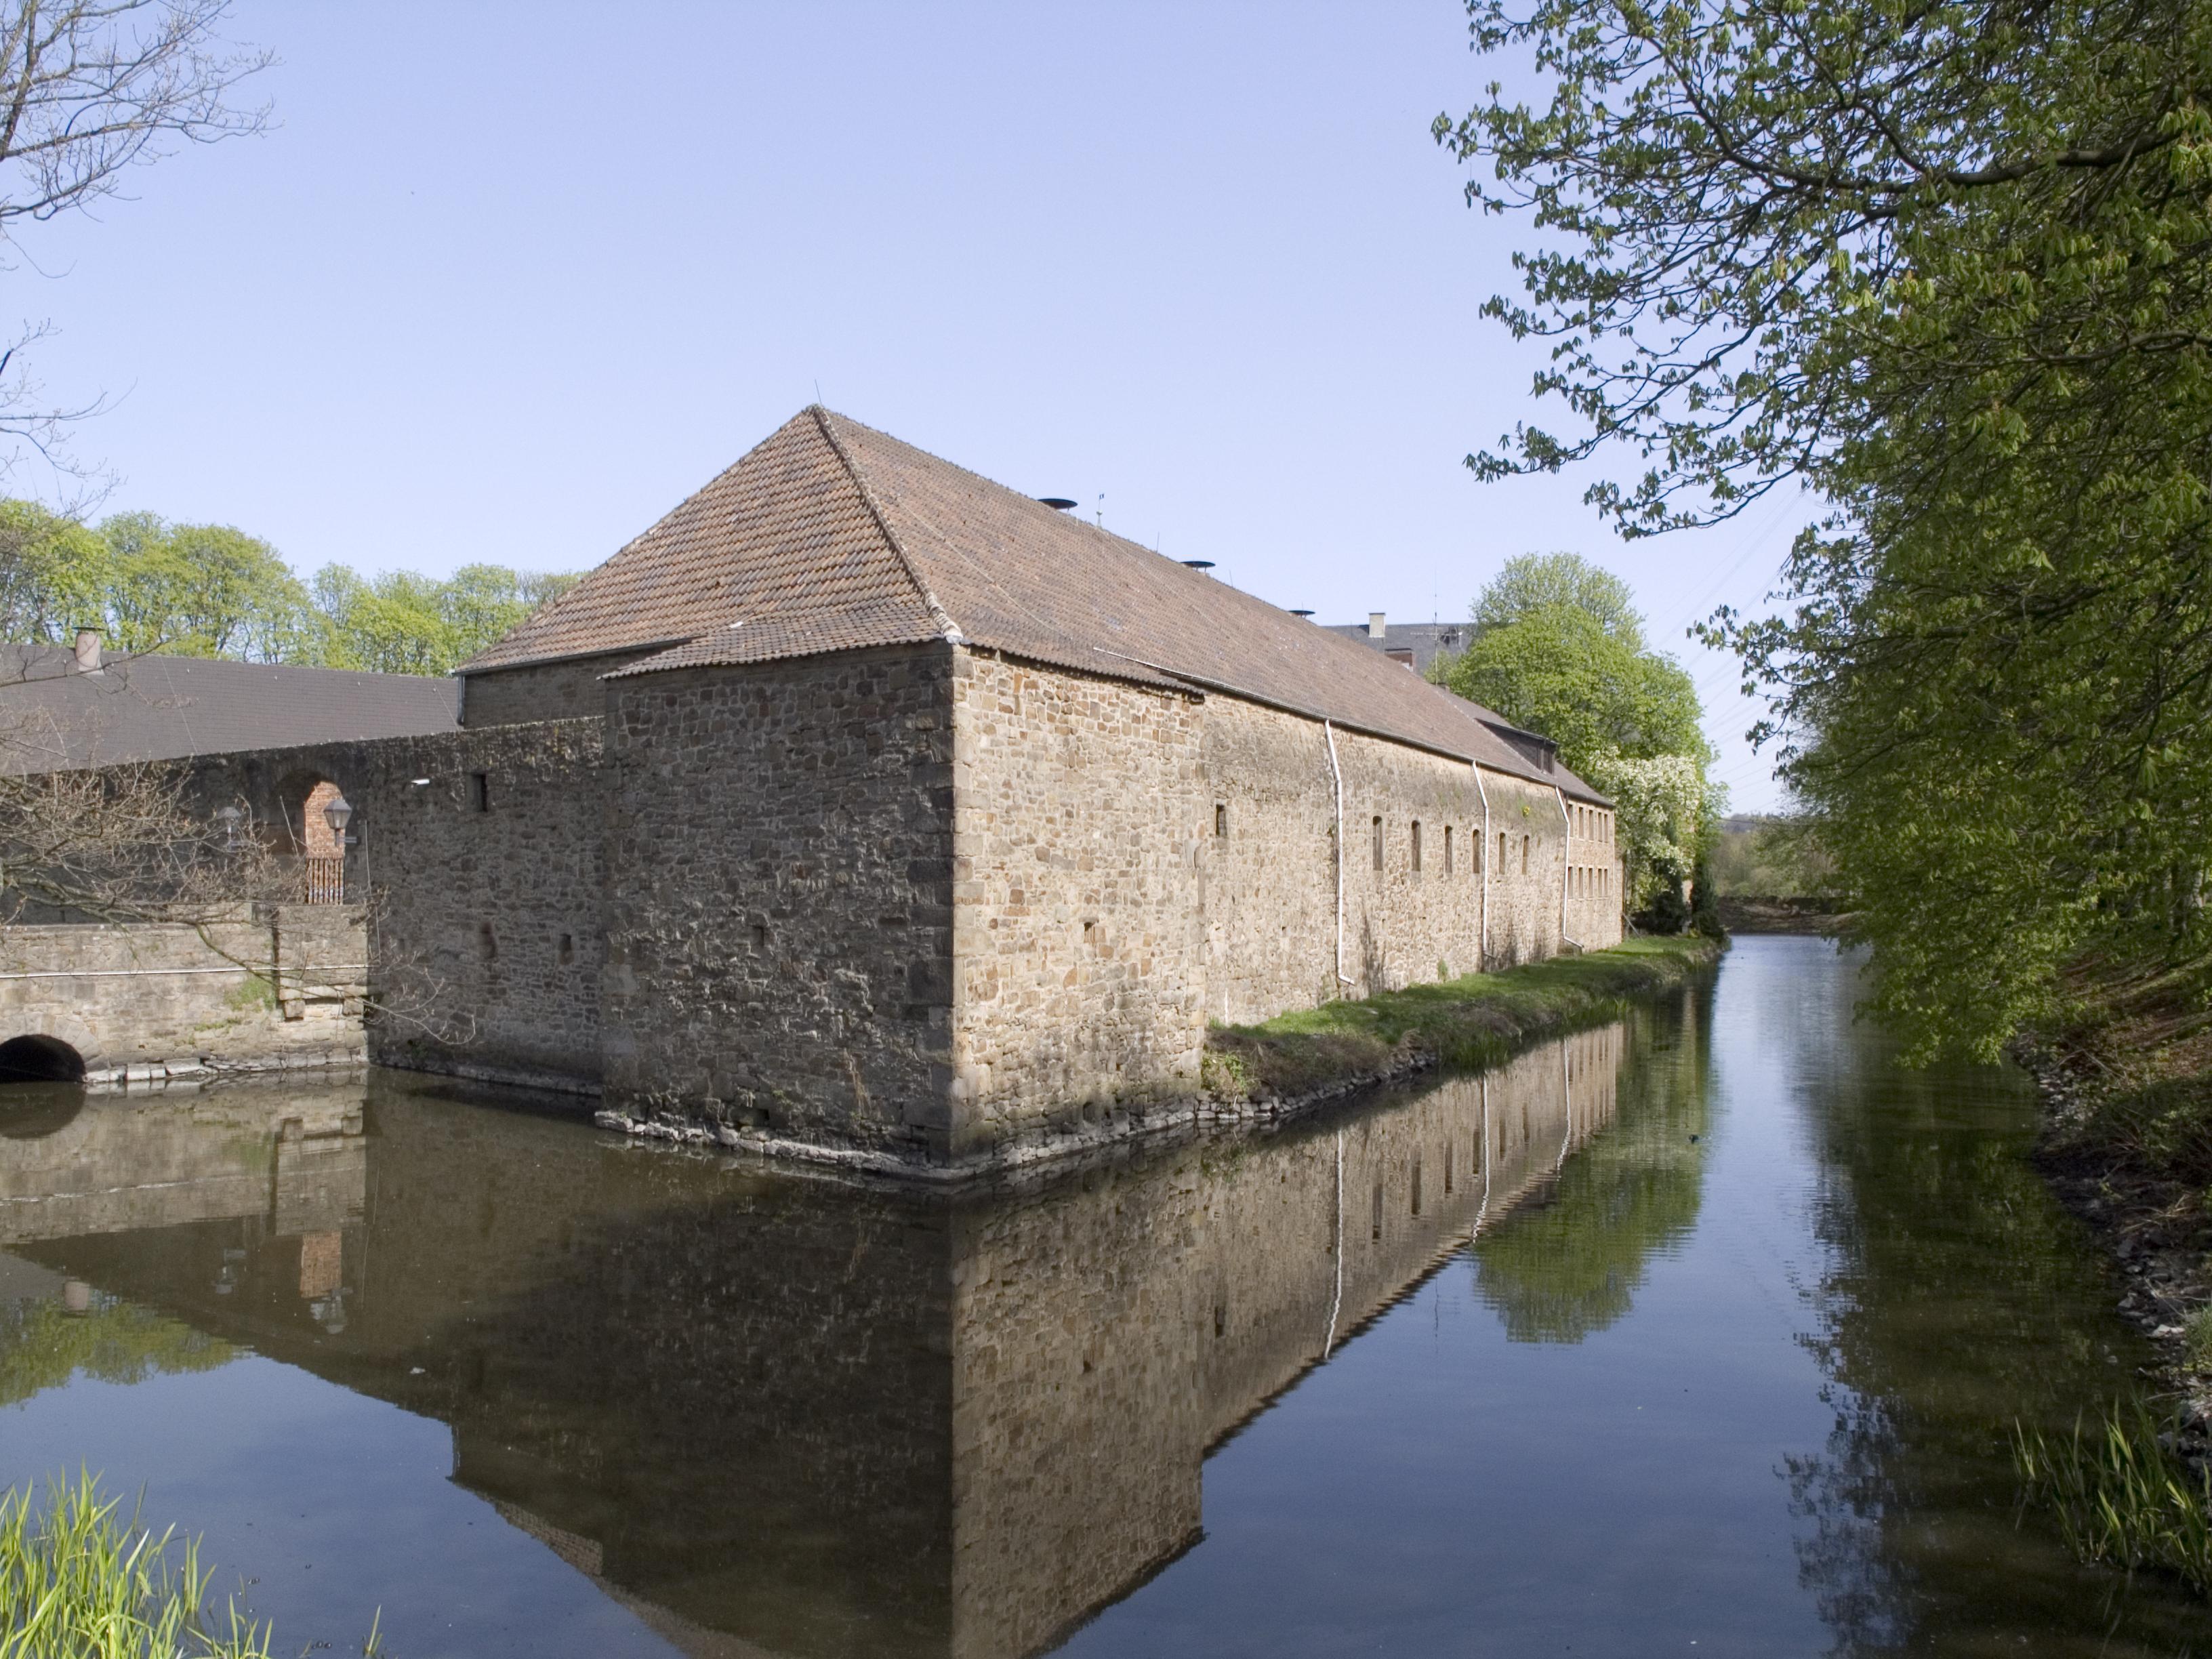 Файл NRW Hattingen Haus Kemnade 02 — Википедия